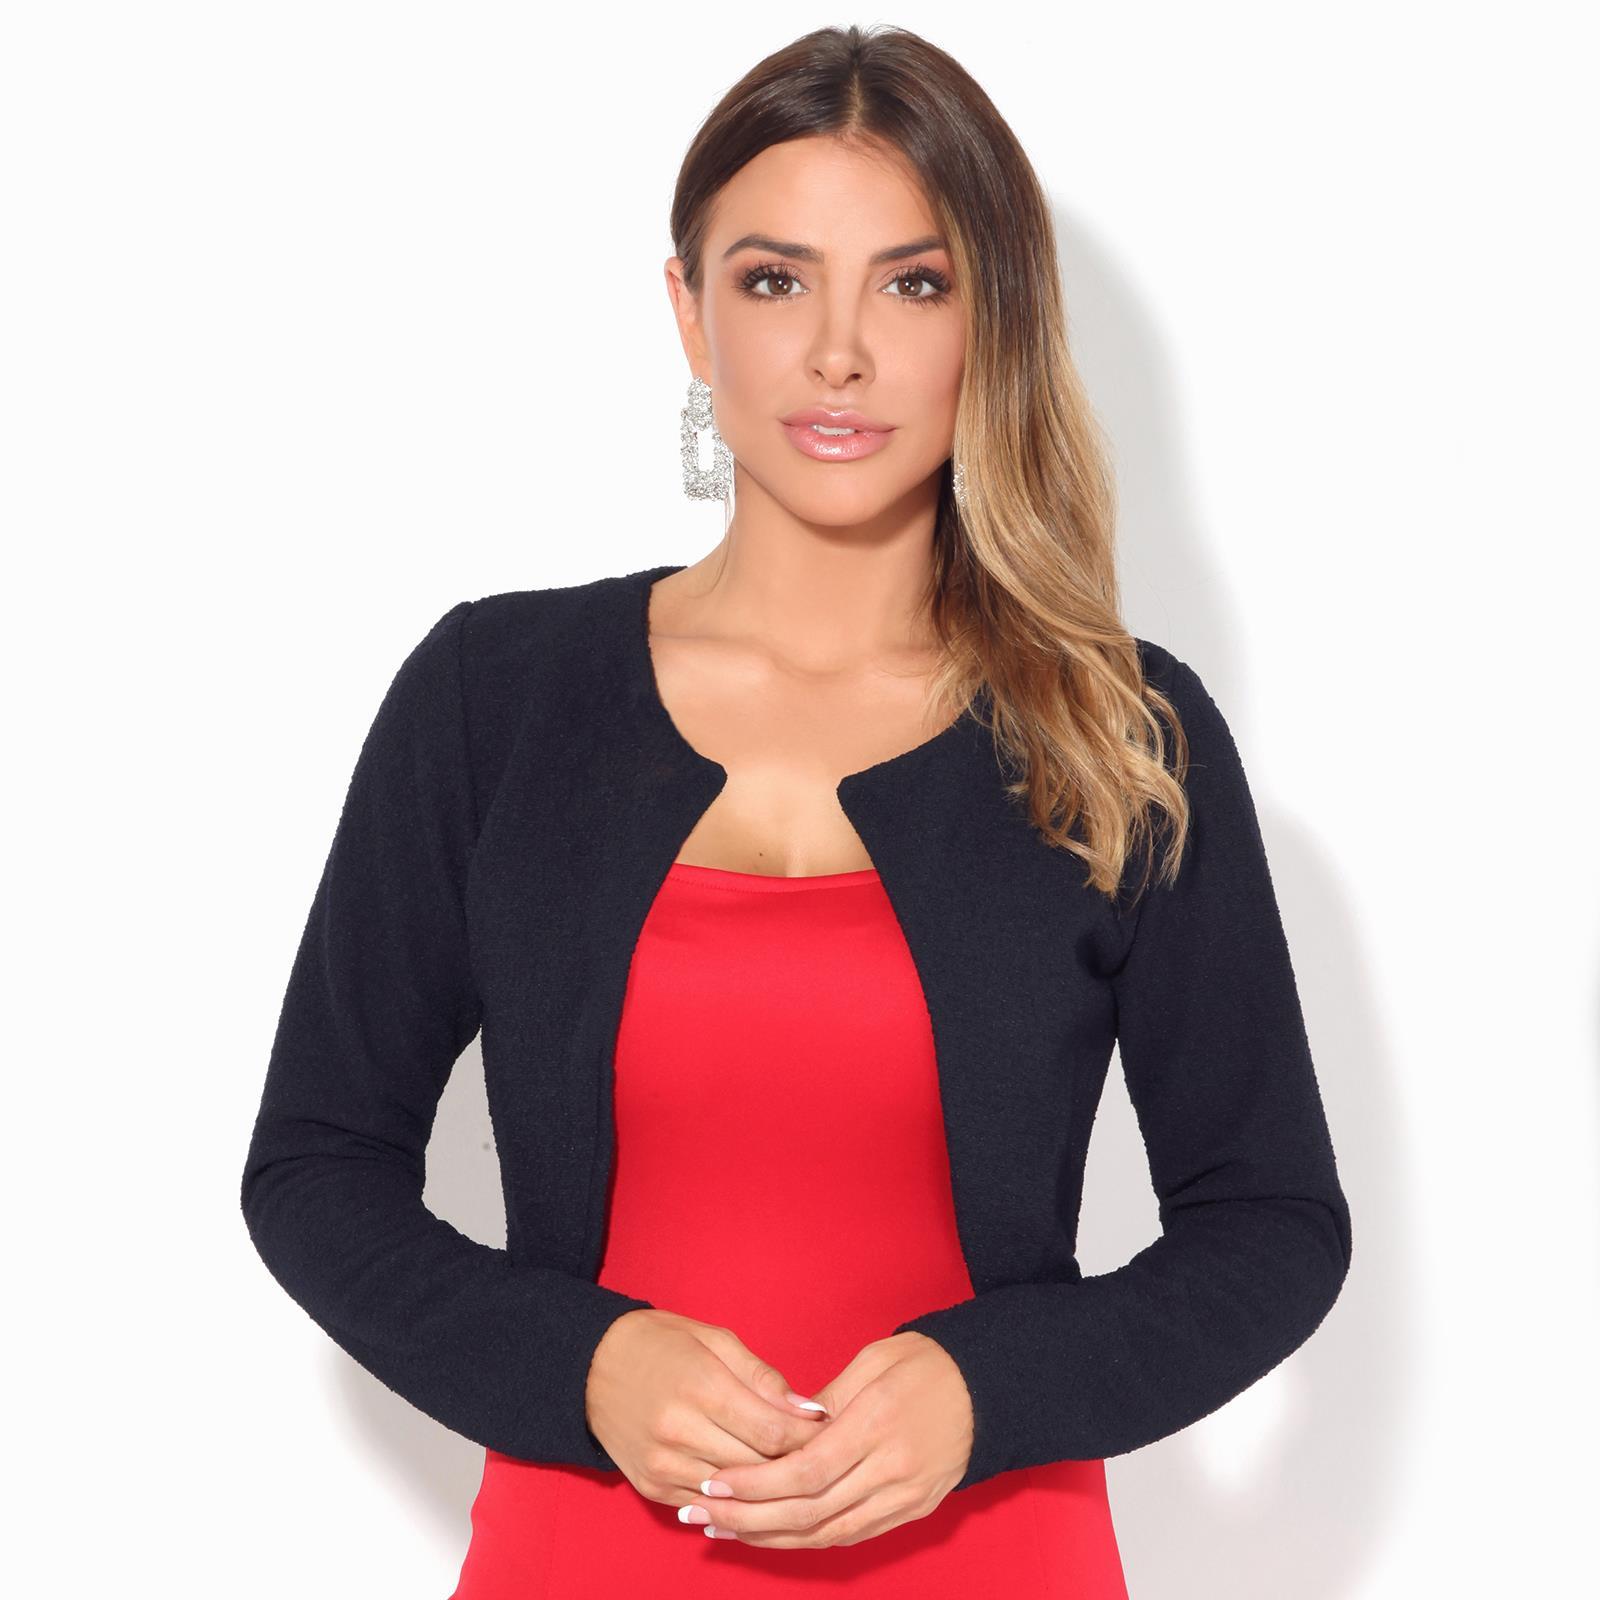 Donna-Maglia-Bolero-Coprispalle-Giacca-Top-Corto-Apri-Cardigan-Scialle-Moda-Work miniatura 6